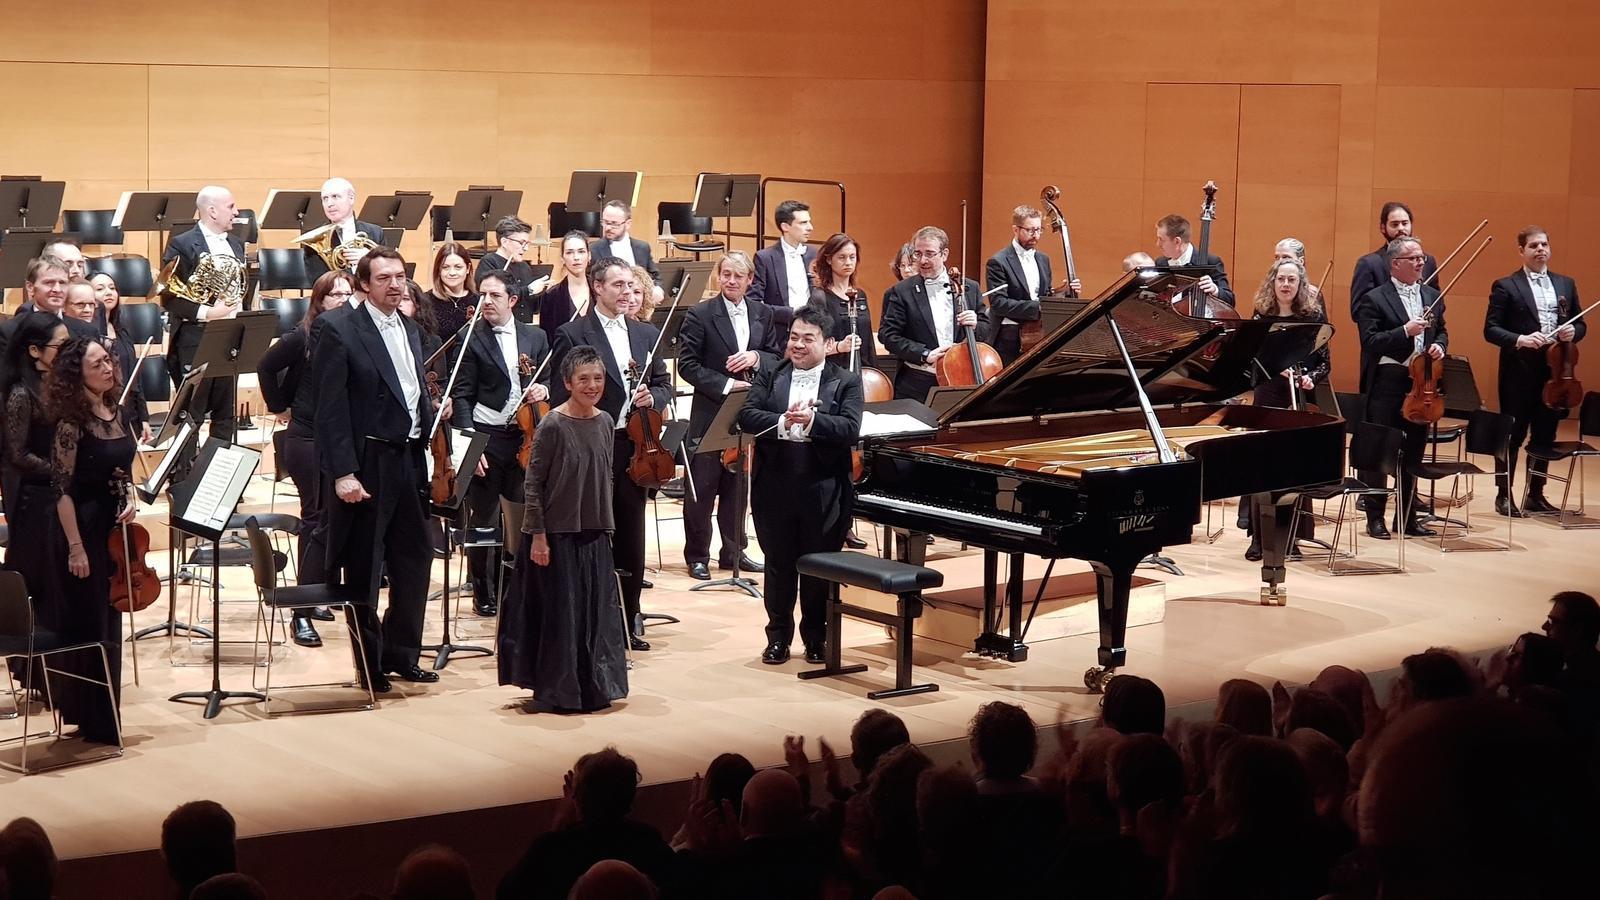 La pianista portuguesa Maria João Pires al concert d'Ibercamer a l'Auditori de Girona